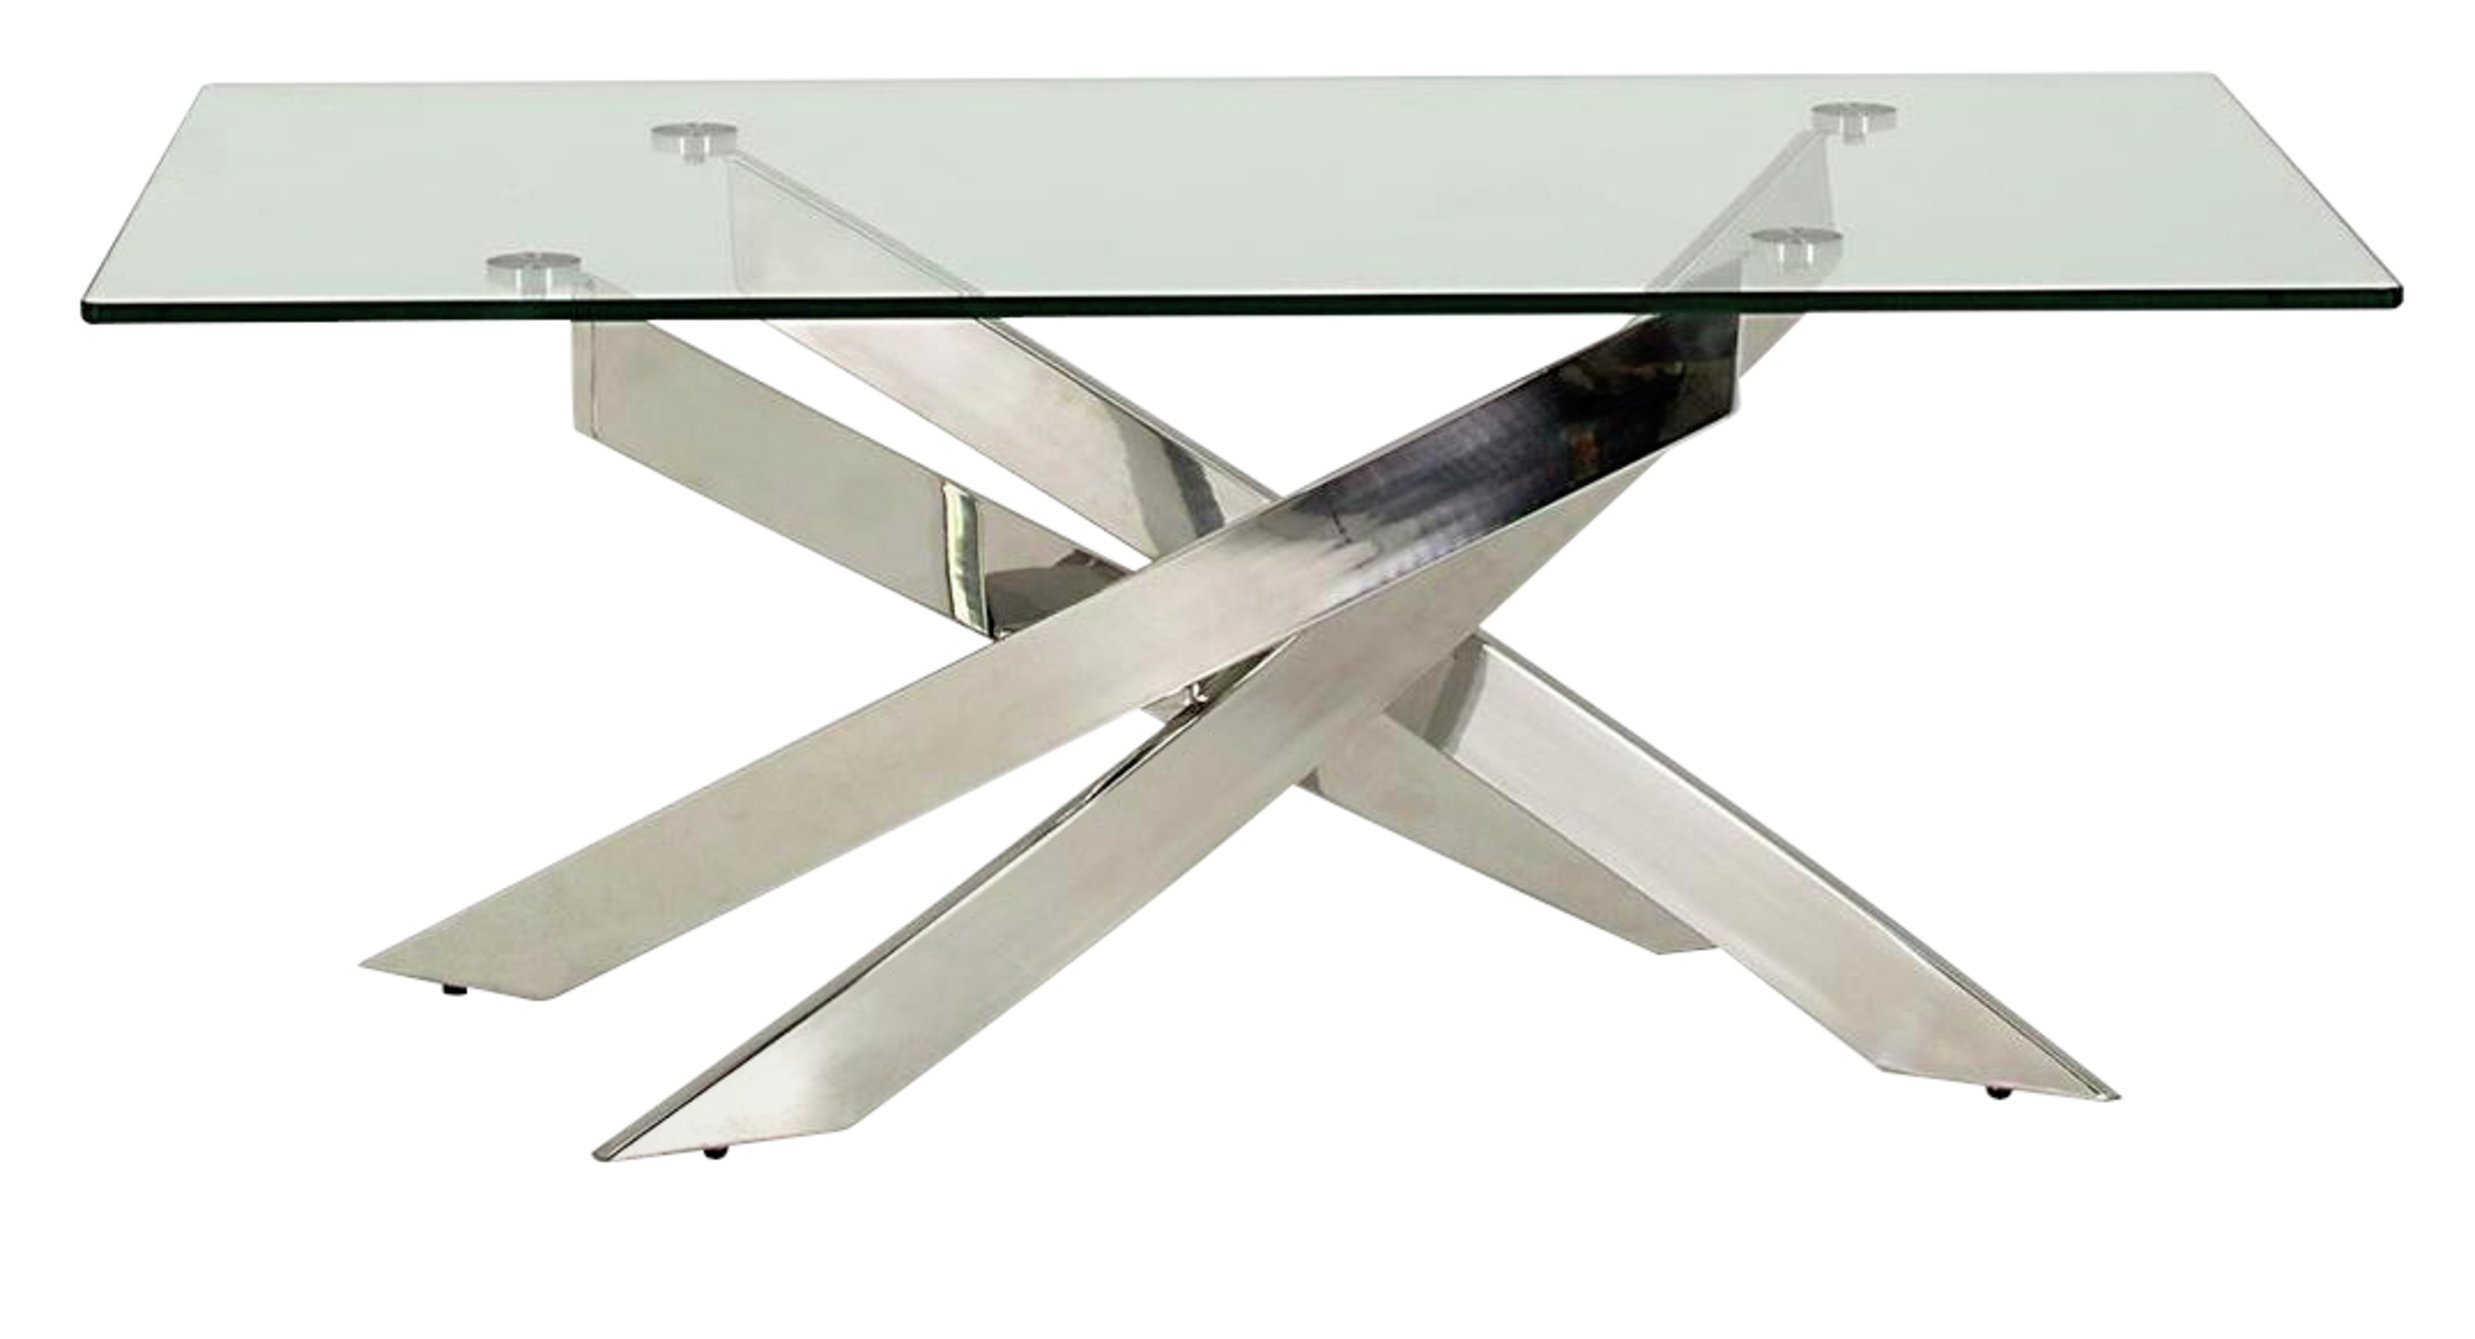 Furnoko Kalmar Glass Coffee Table - Clear